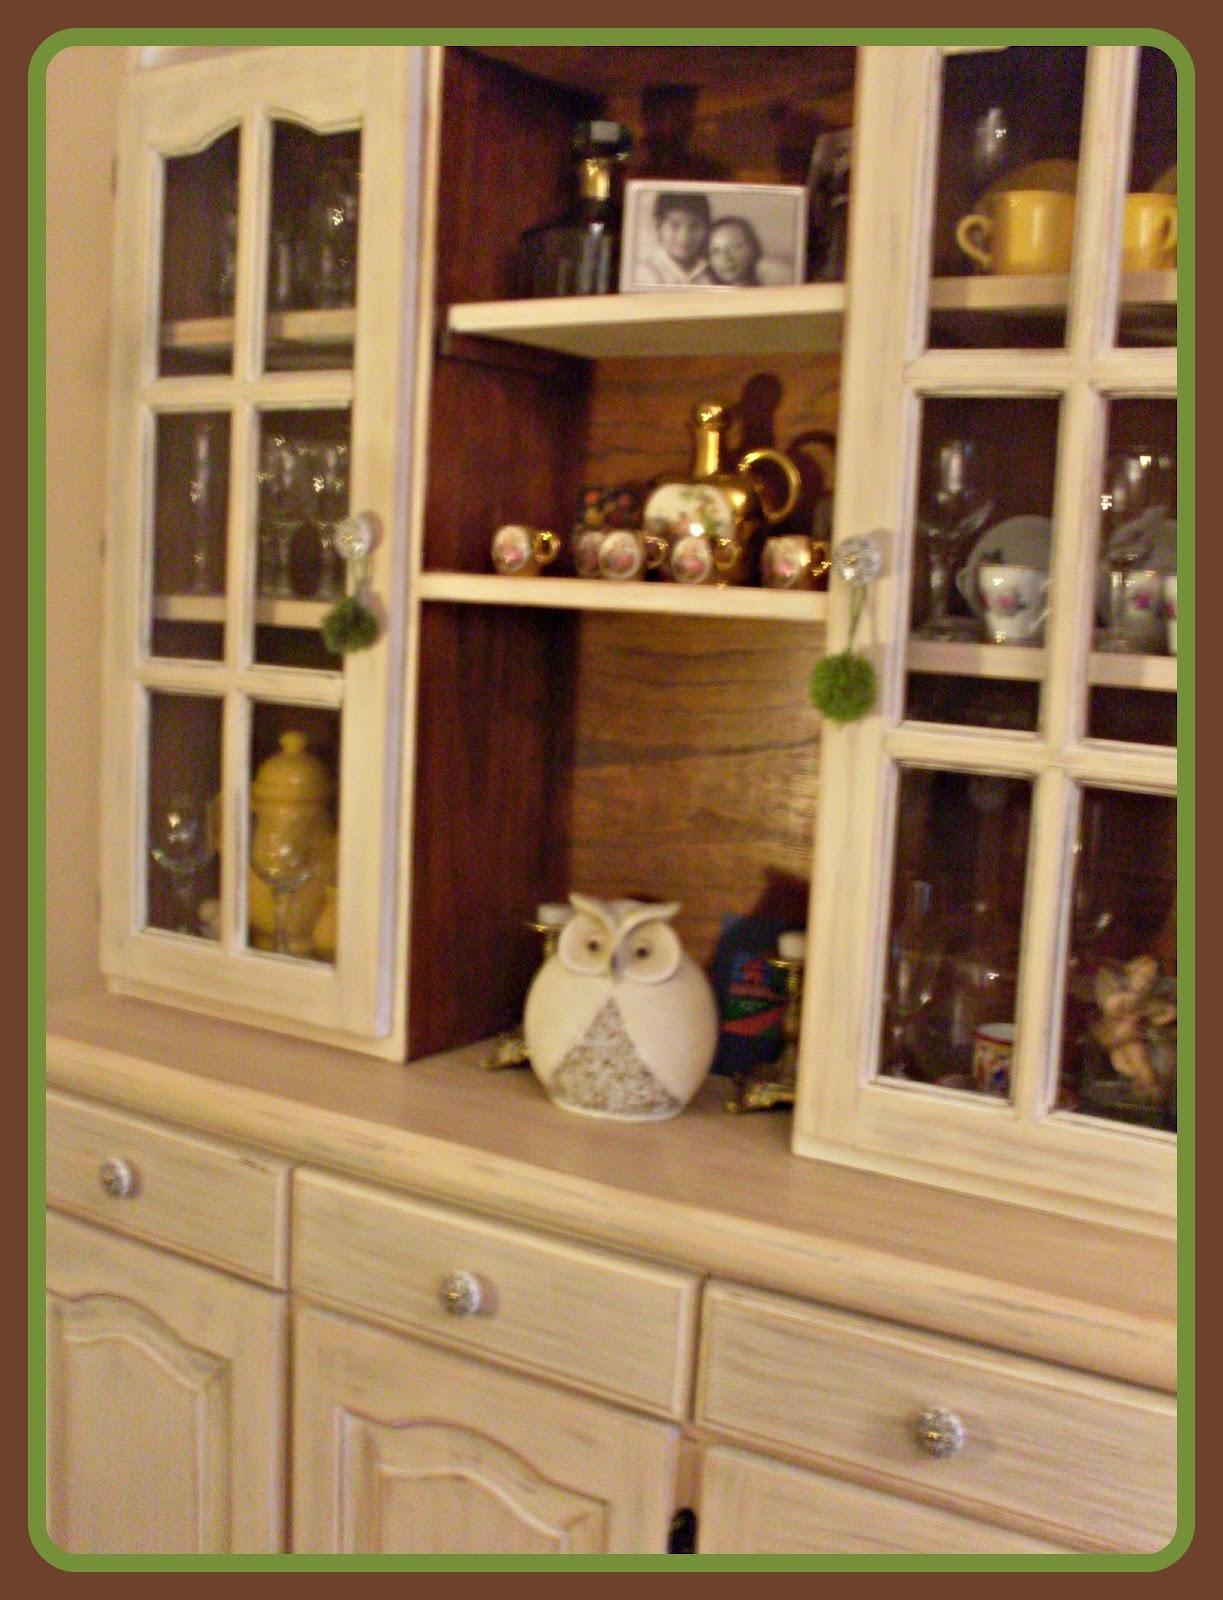 Tus manos y las mias renovar un mueble final - Papel para empapelar muebles ...